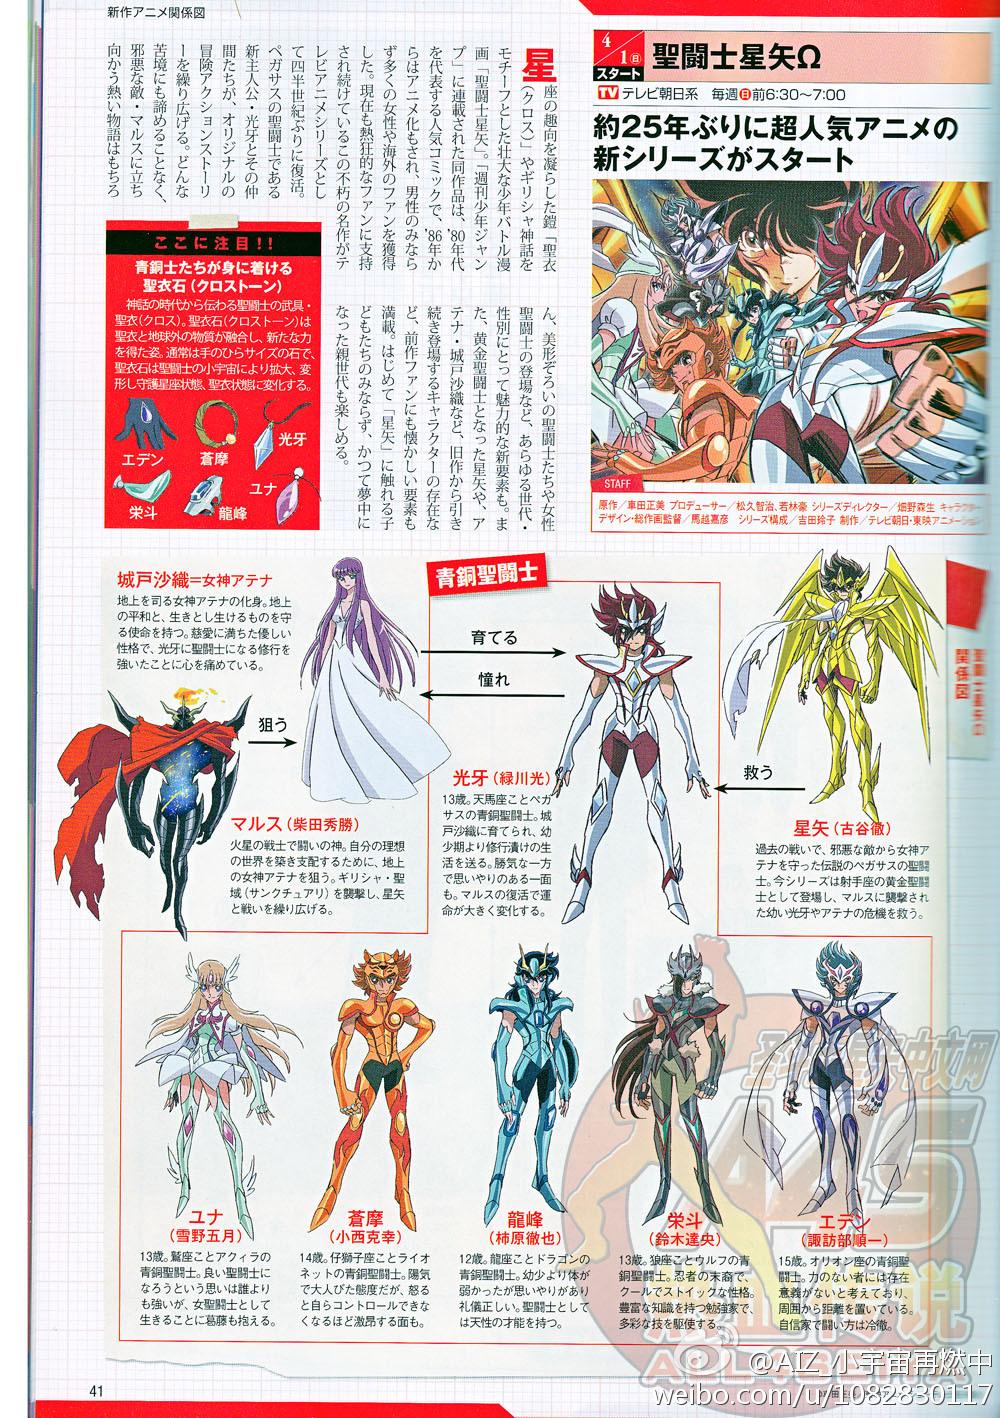 Saint Seiya Omega - Page 4 408aad25gw1dr9399v92uj